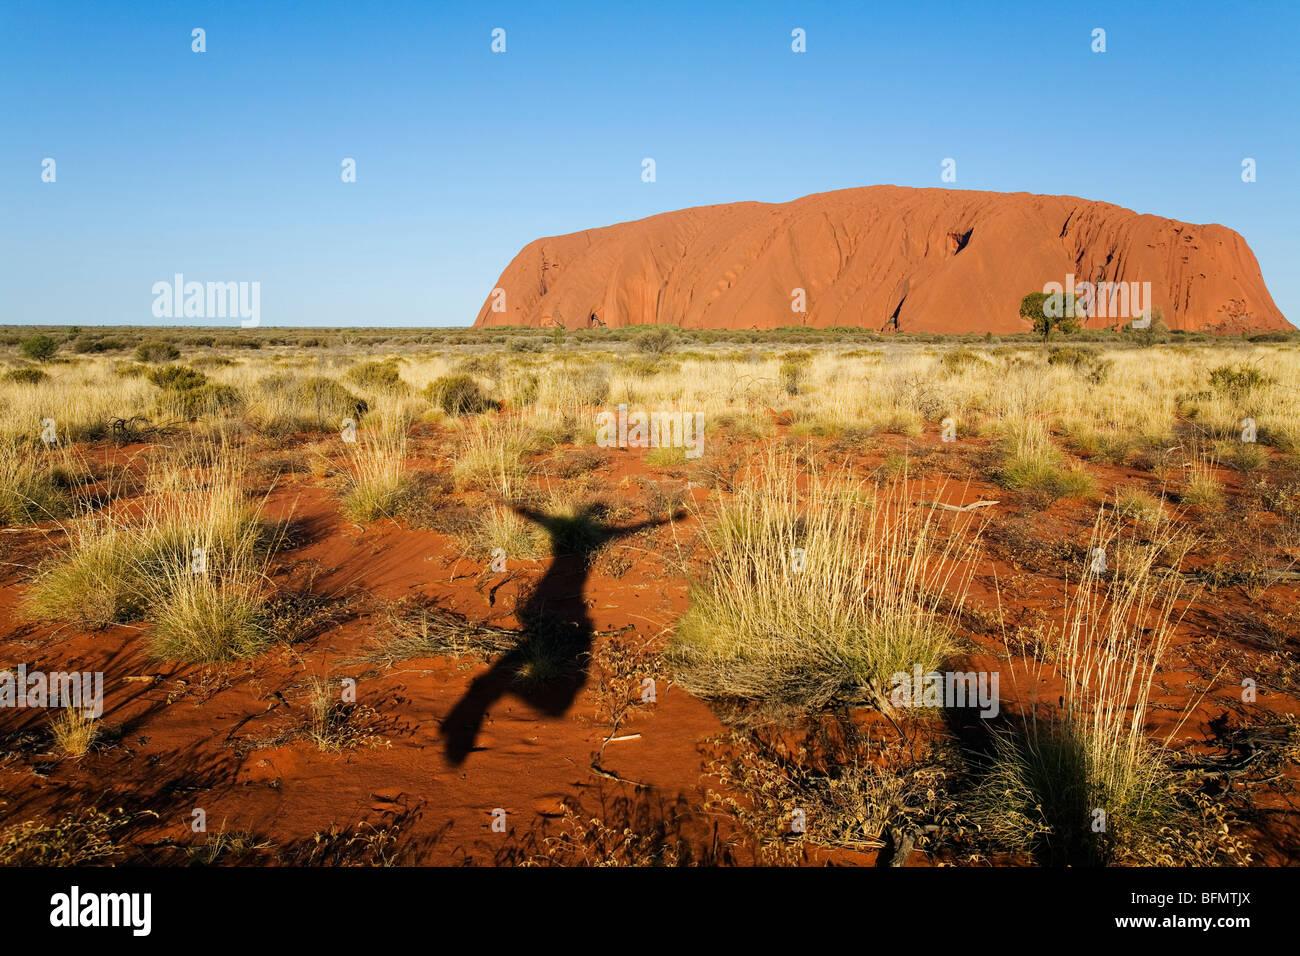 Australia, Territorio del Nord, Uluru-Kata Tjuta National Park. Ombra saltando per la gioia di Uluru (Ayers Rock) Immagini Stock